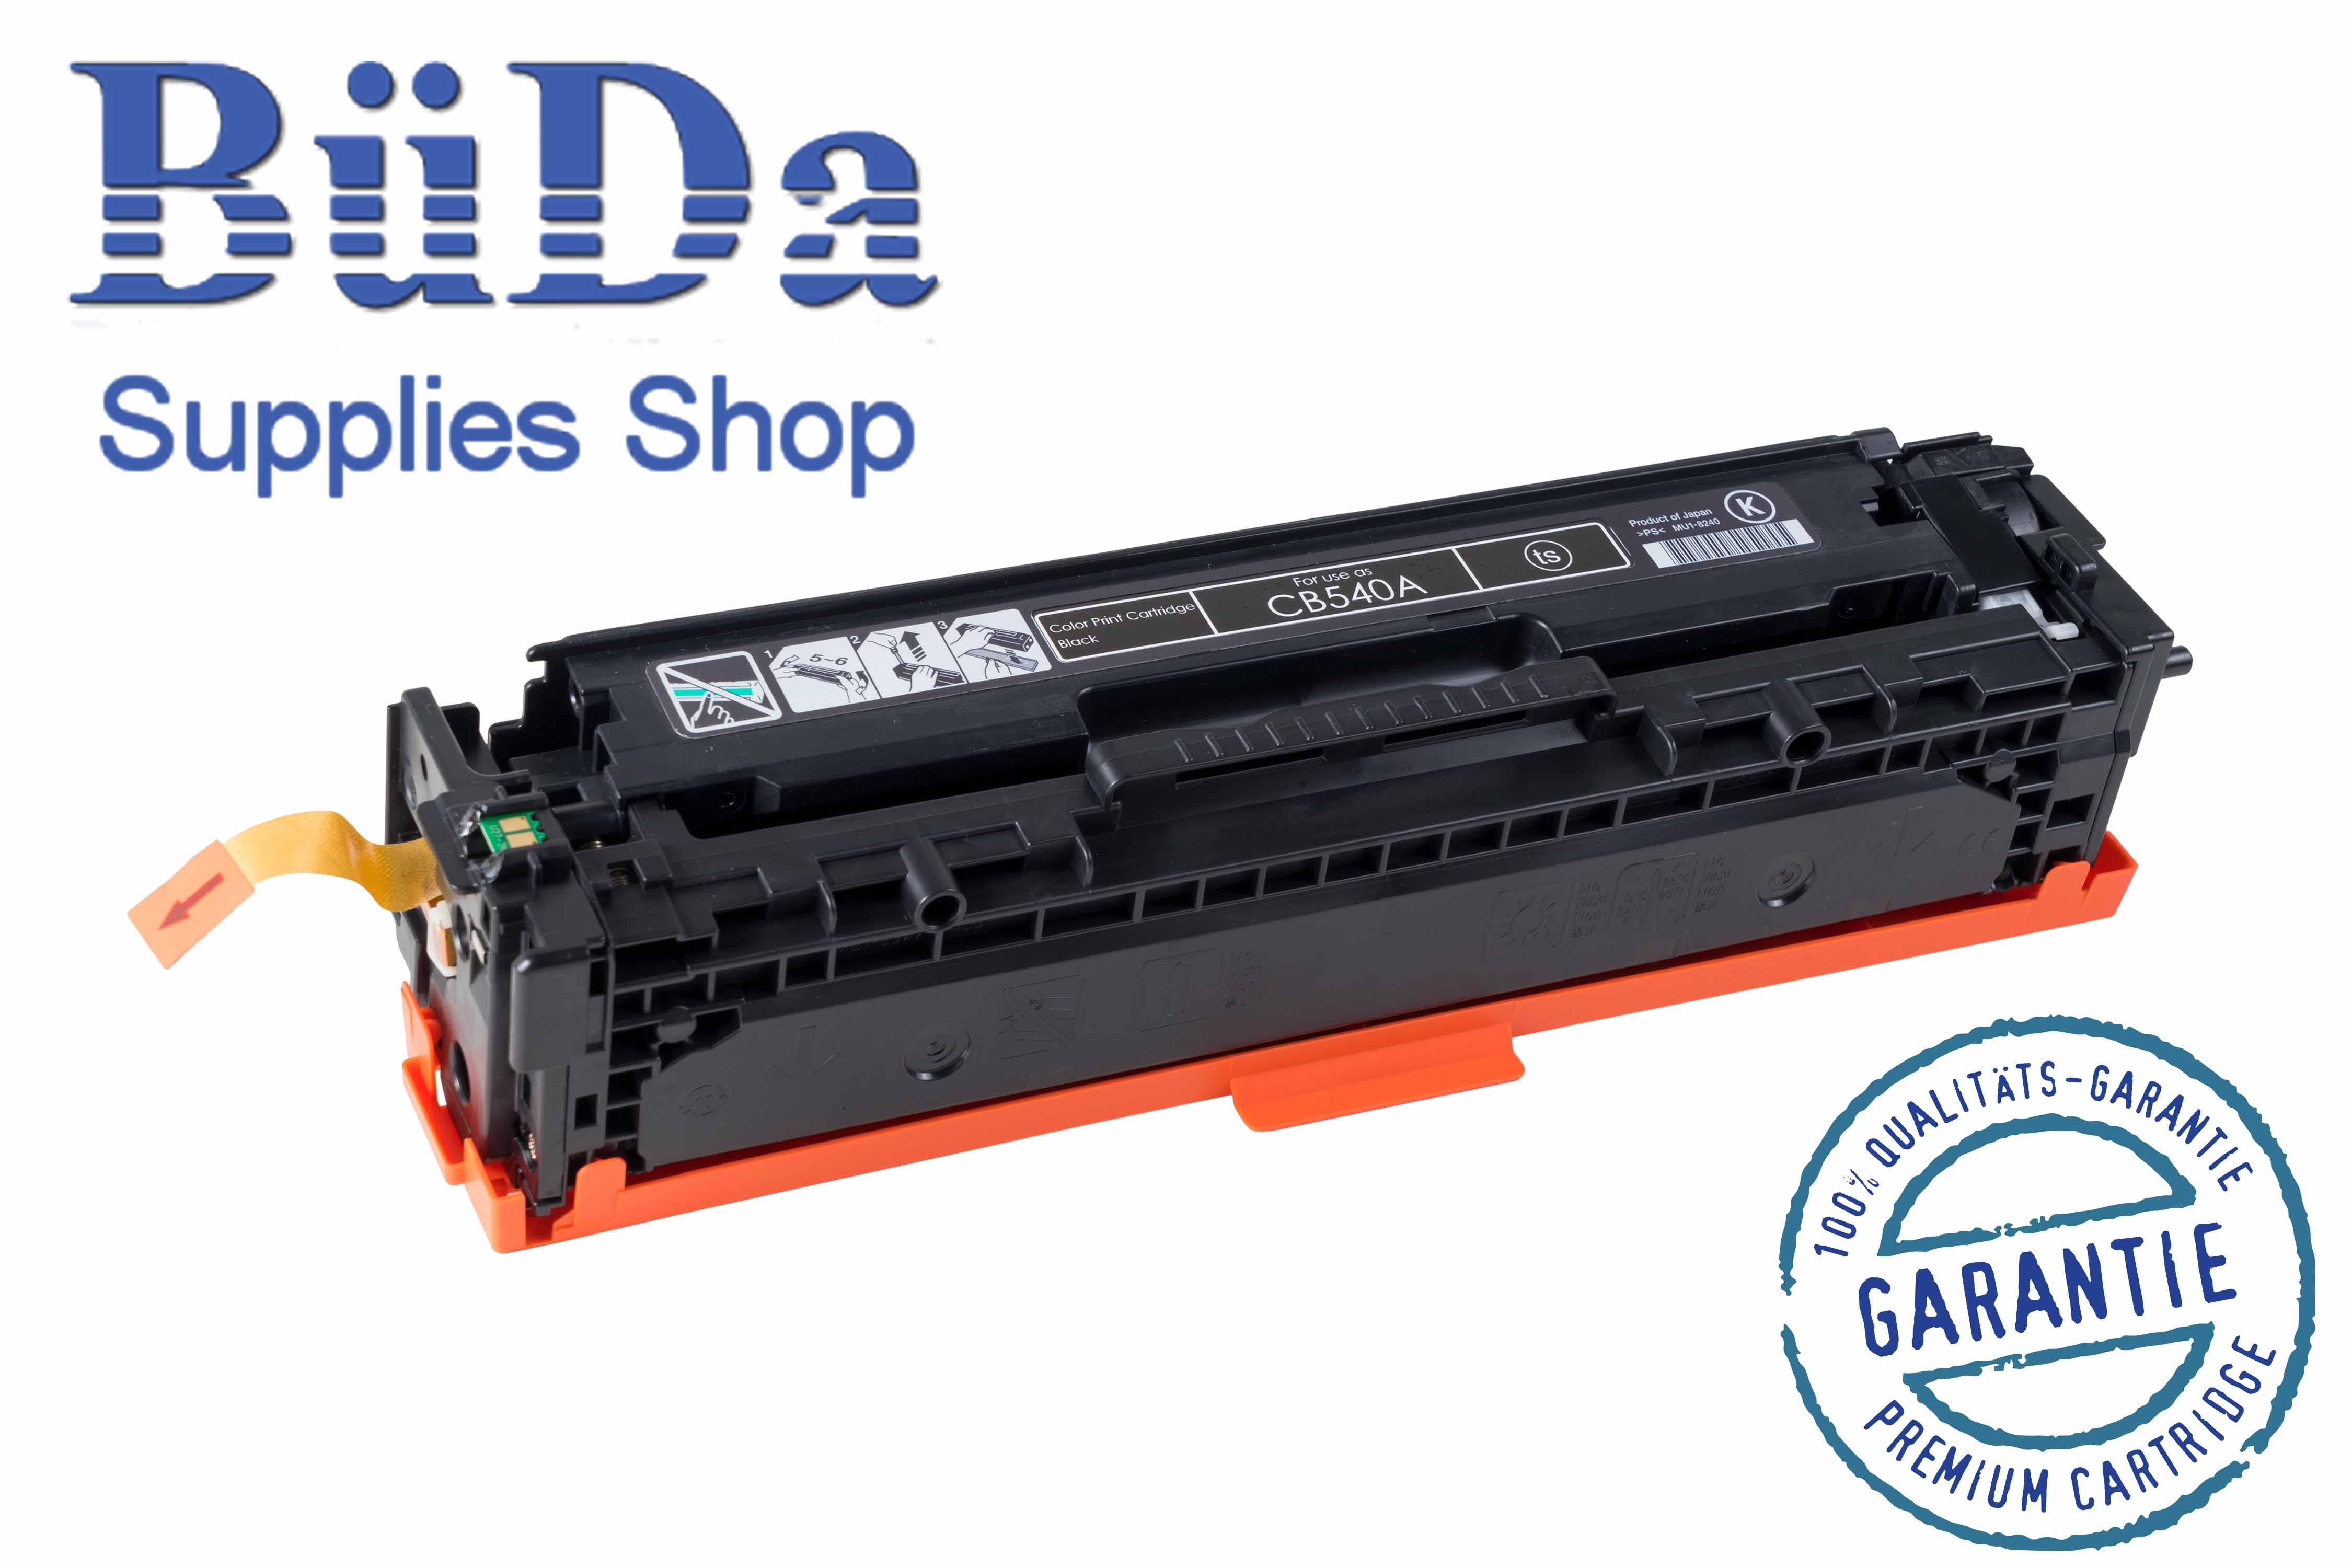 Toner-Modul komp. zu CB540A / Crt. 716B black 2200 Seiten